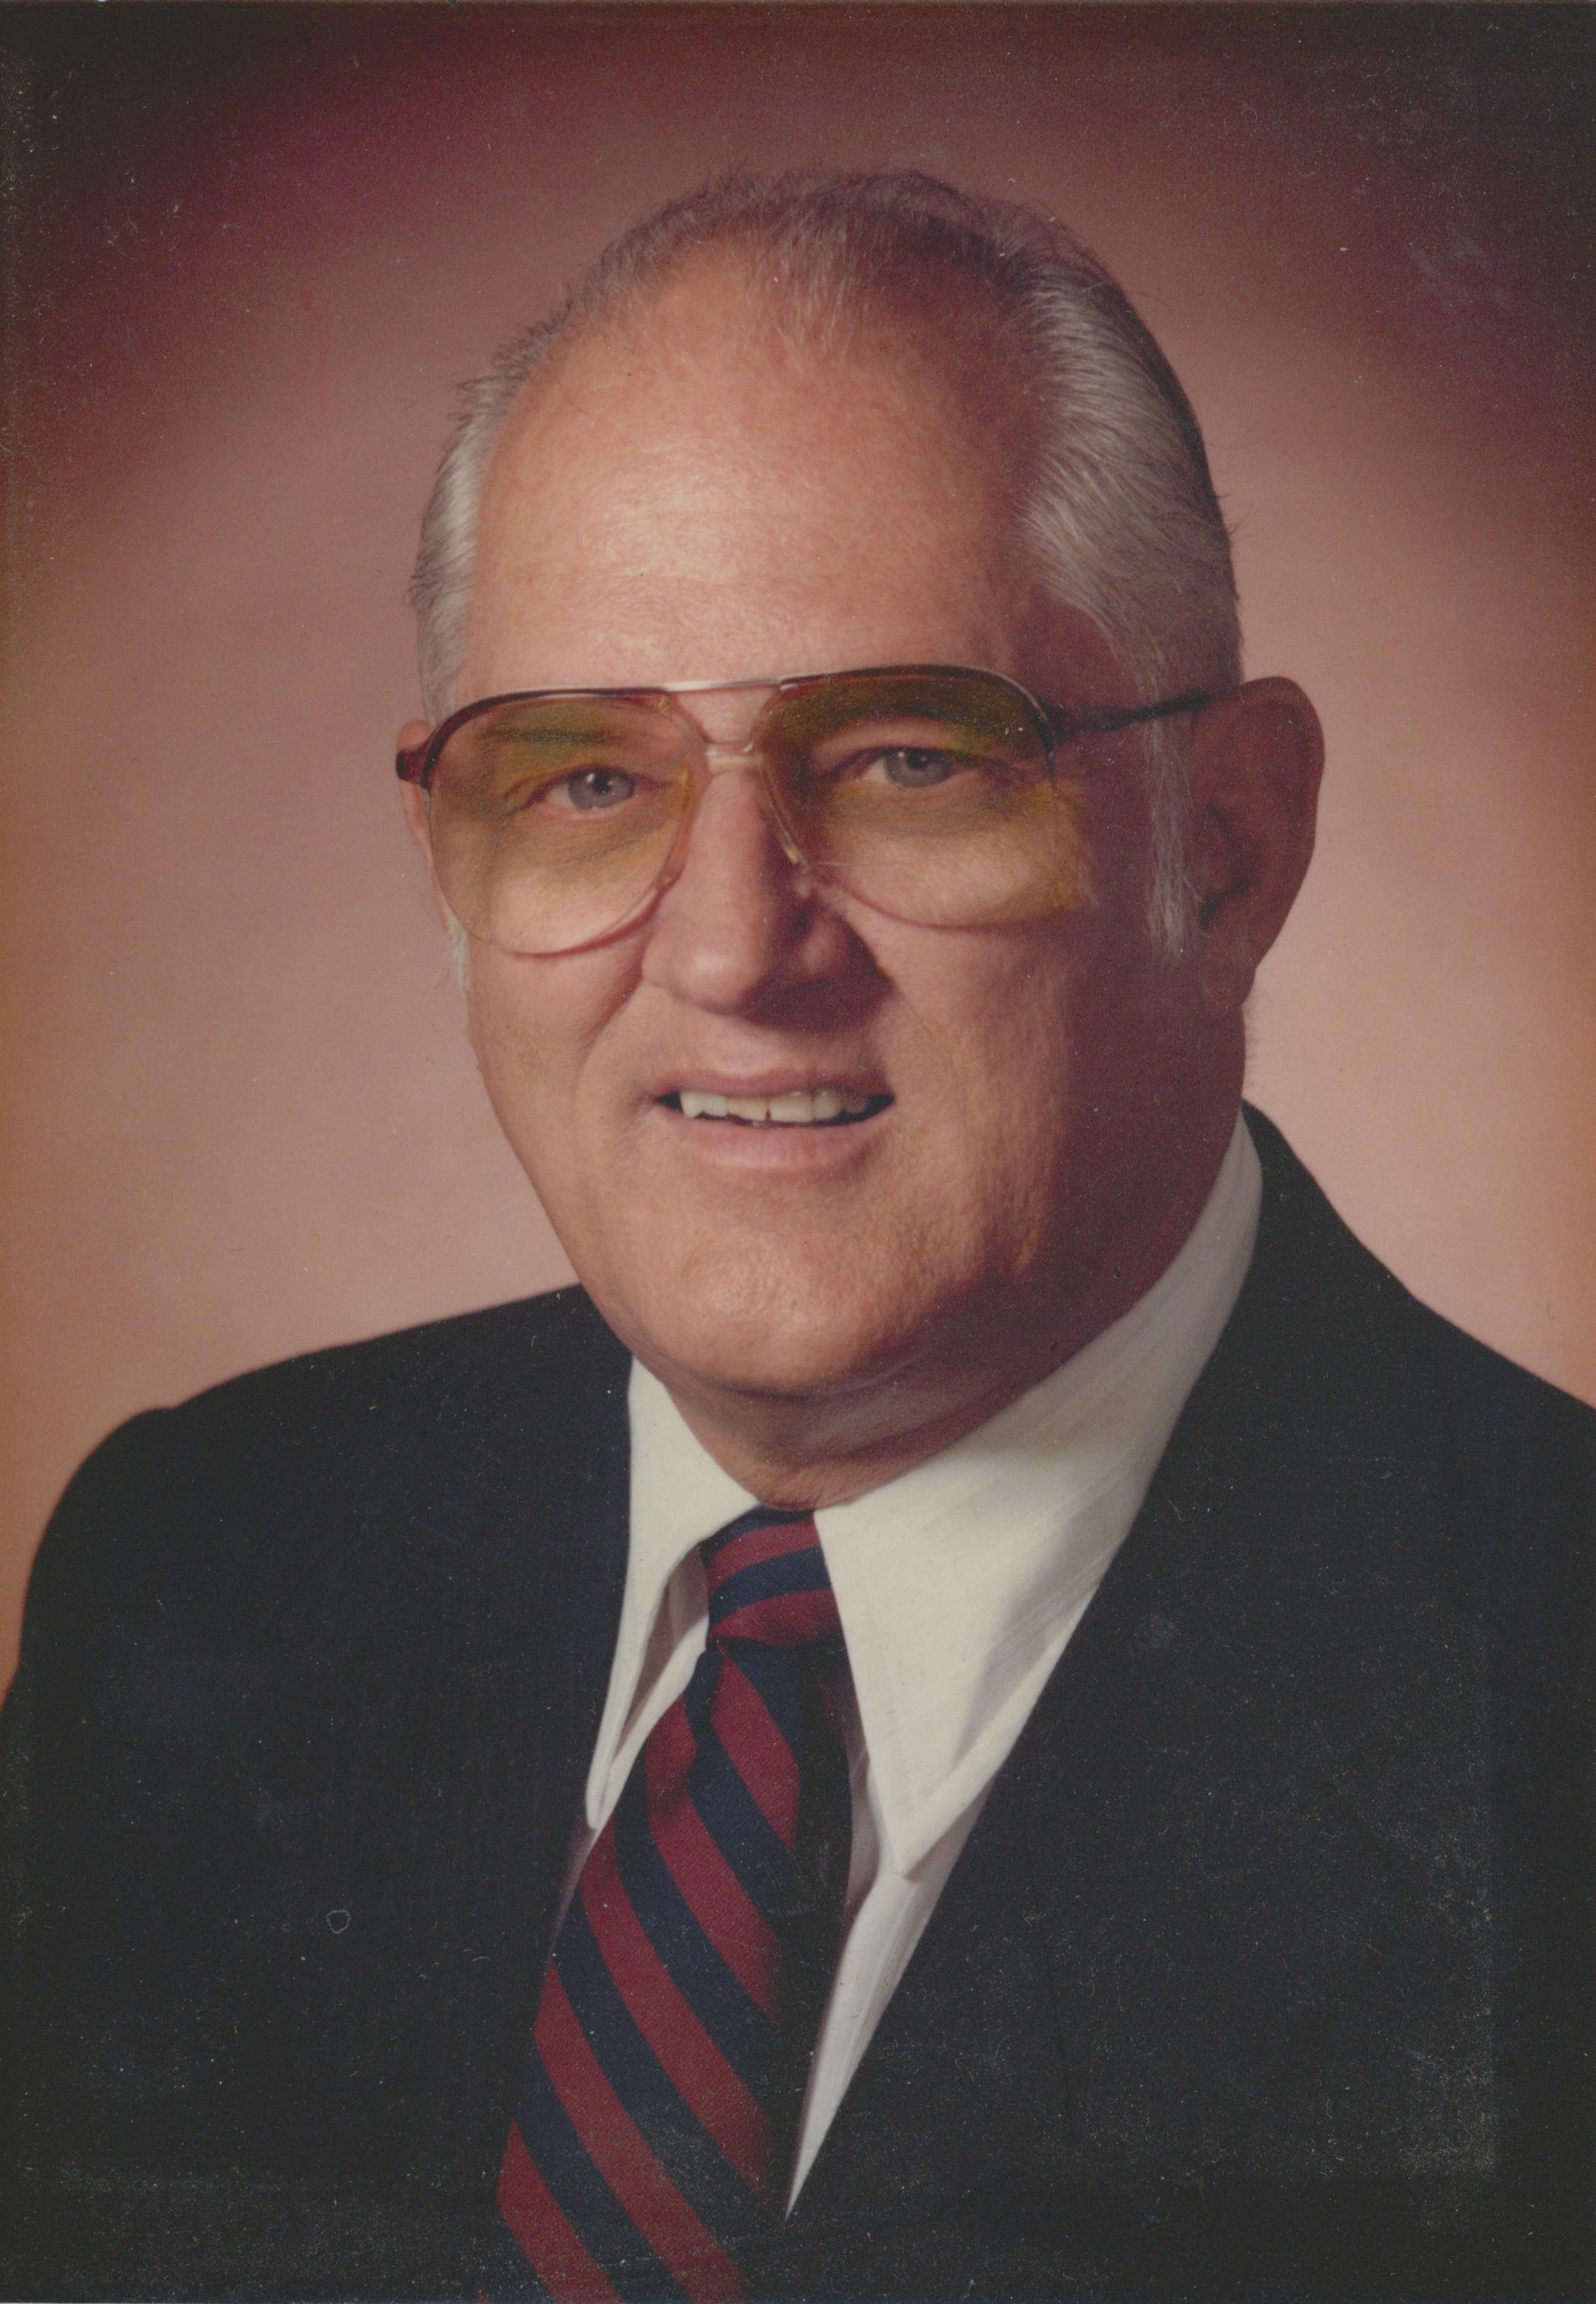 Bryan Allen Bunker